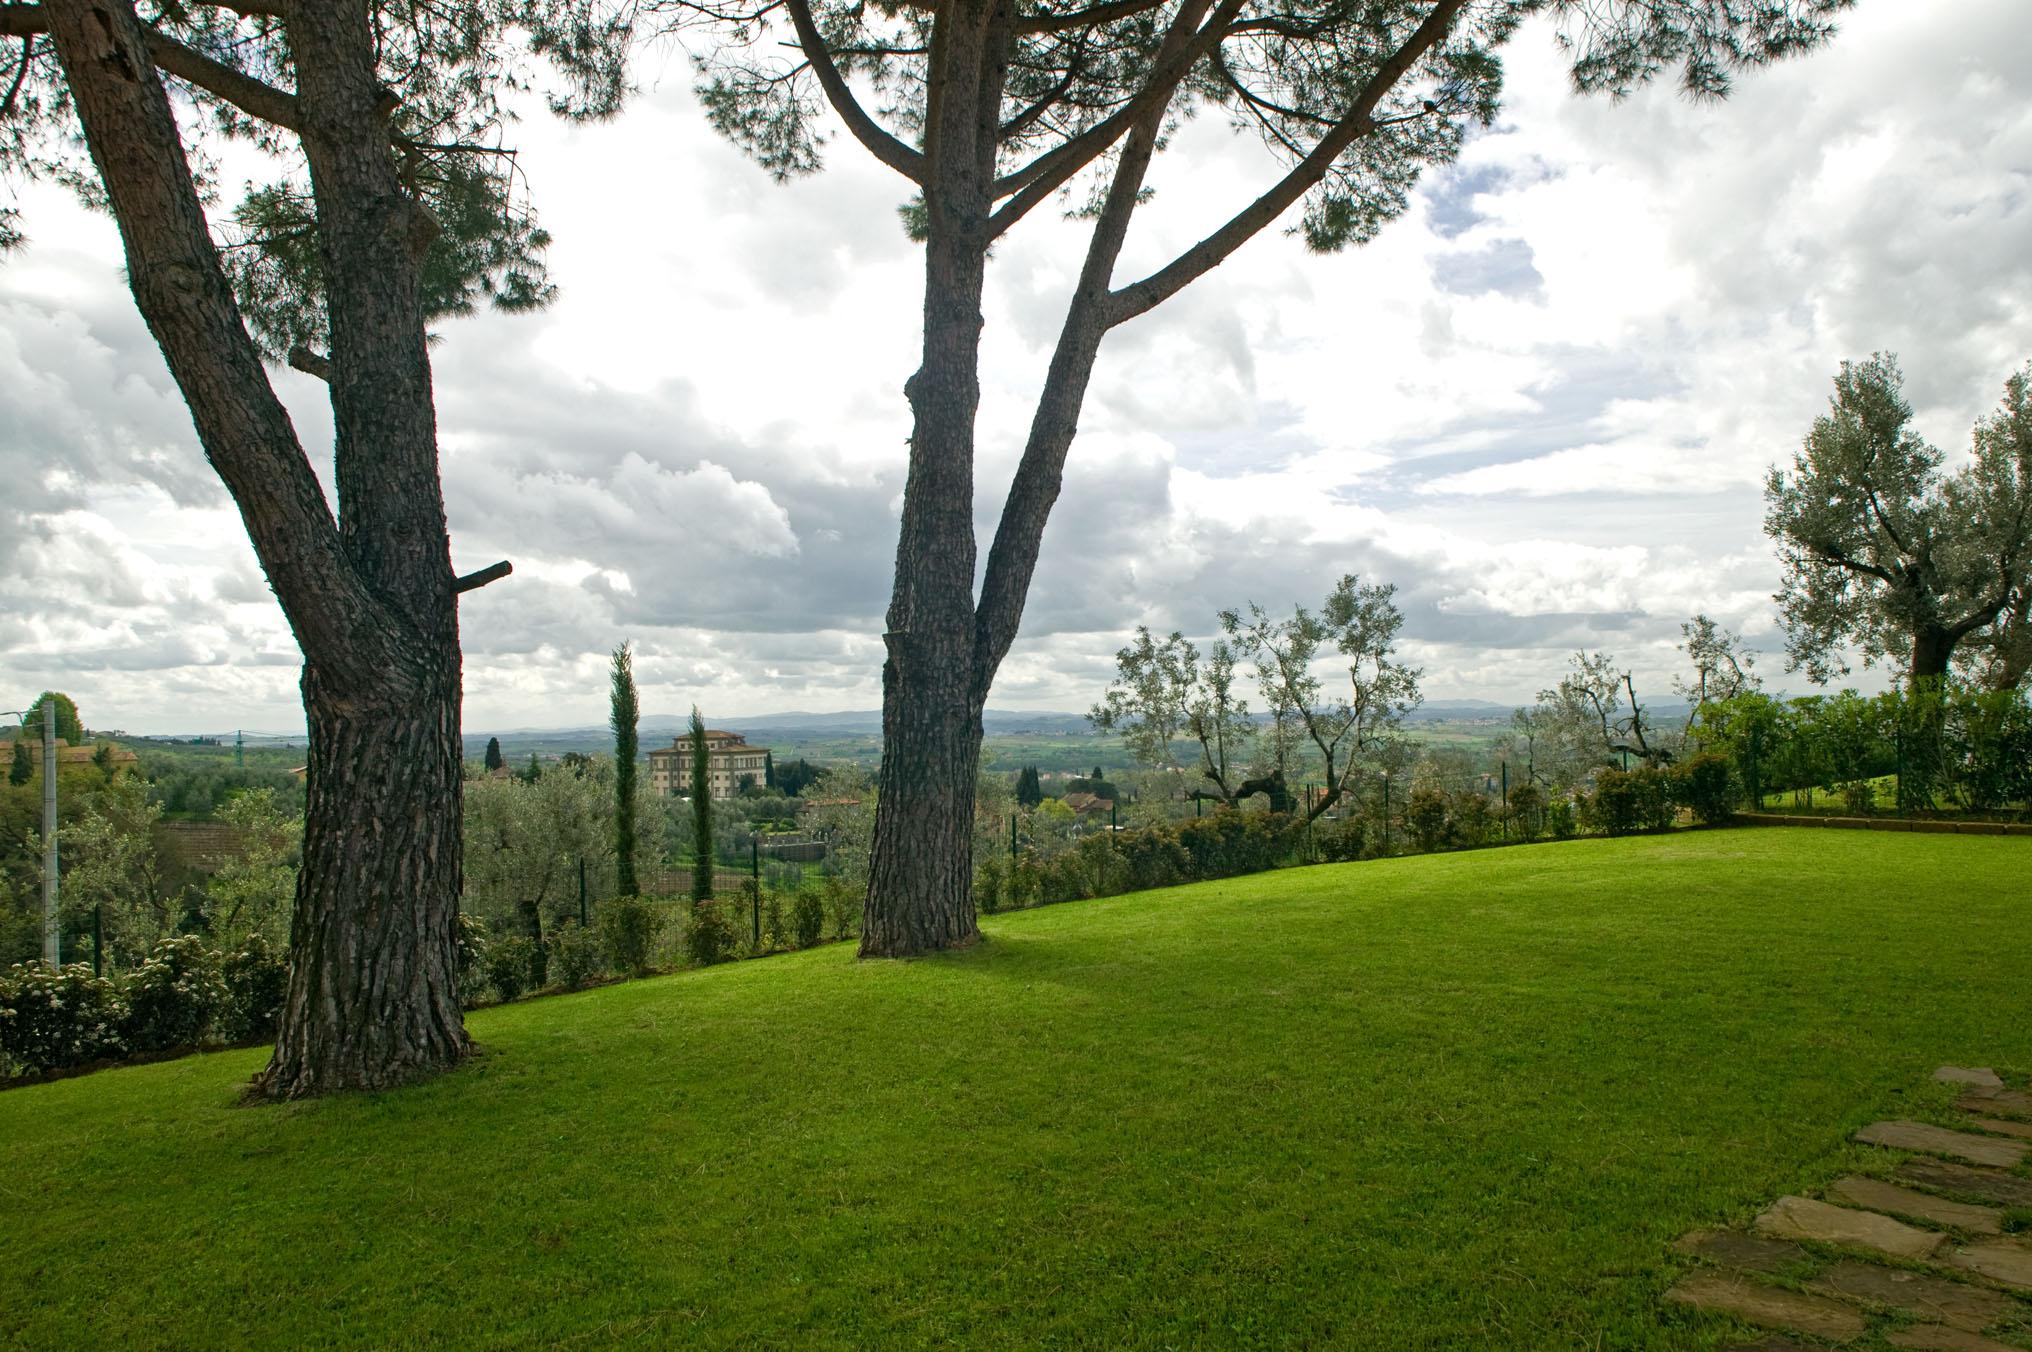 L'Agriturismo Borgo Casorelle è immerso nel verde della Toscana - Agriturismo in Toscana per bambini